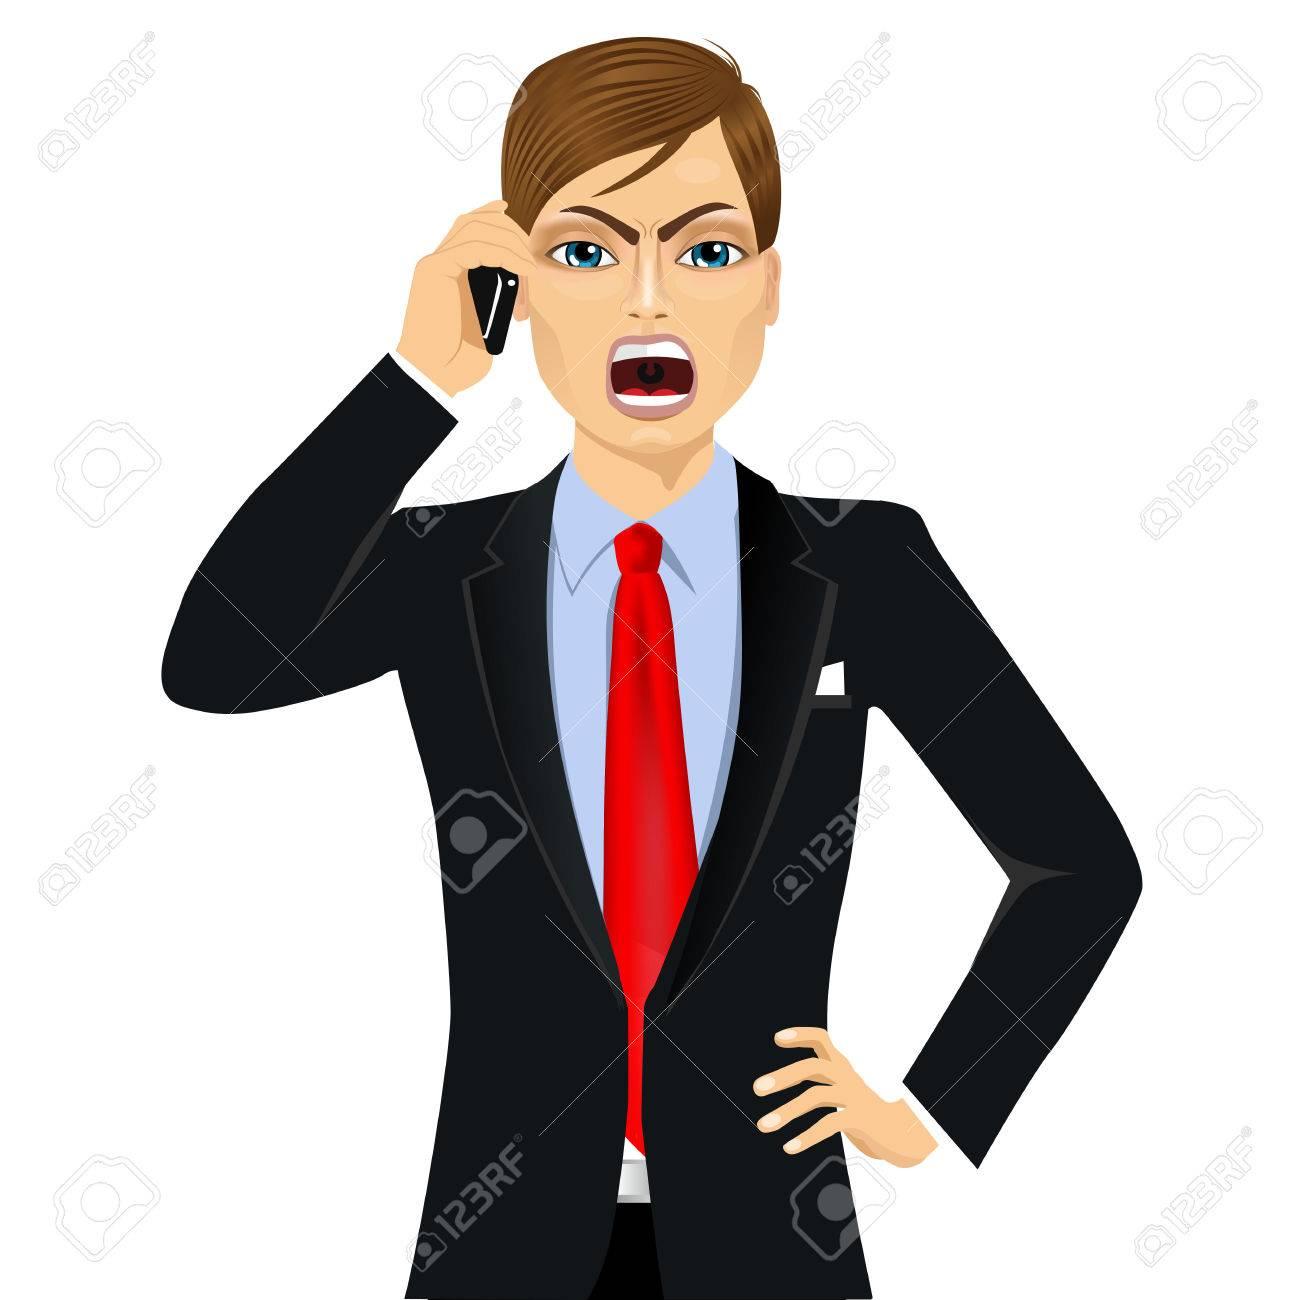 fbf6e0b14c0a Banque d images - Portrait d homme d affaires colère dans un costume parler  sur téléphone mobile isolé sur fond blanc